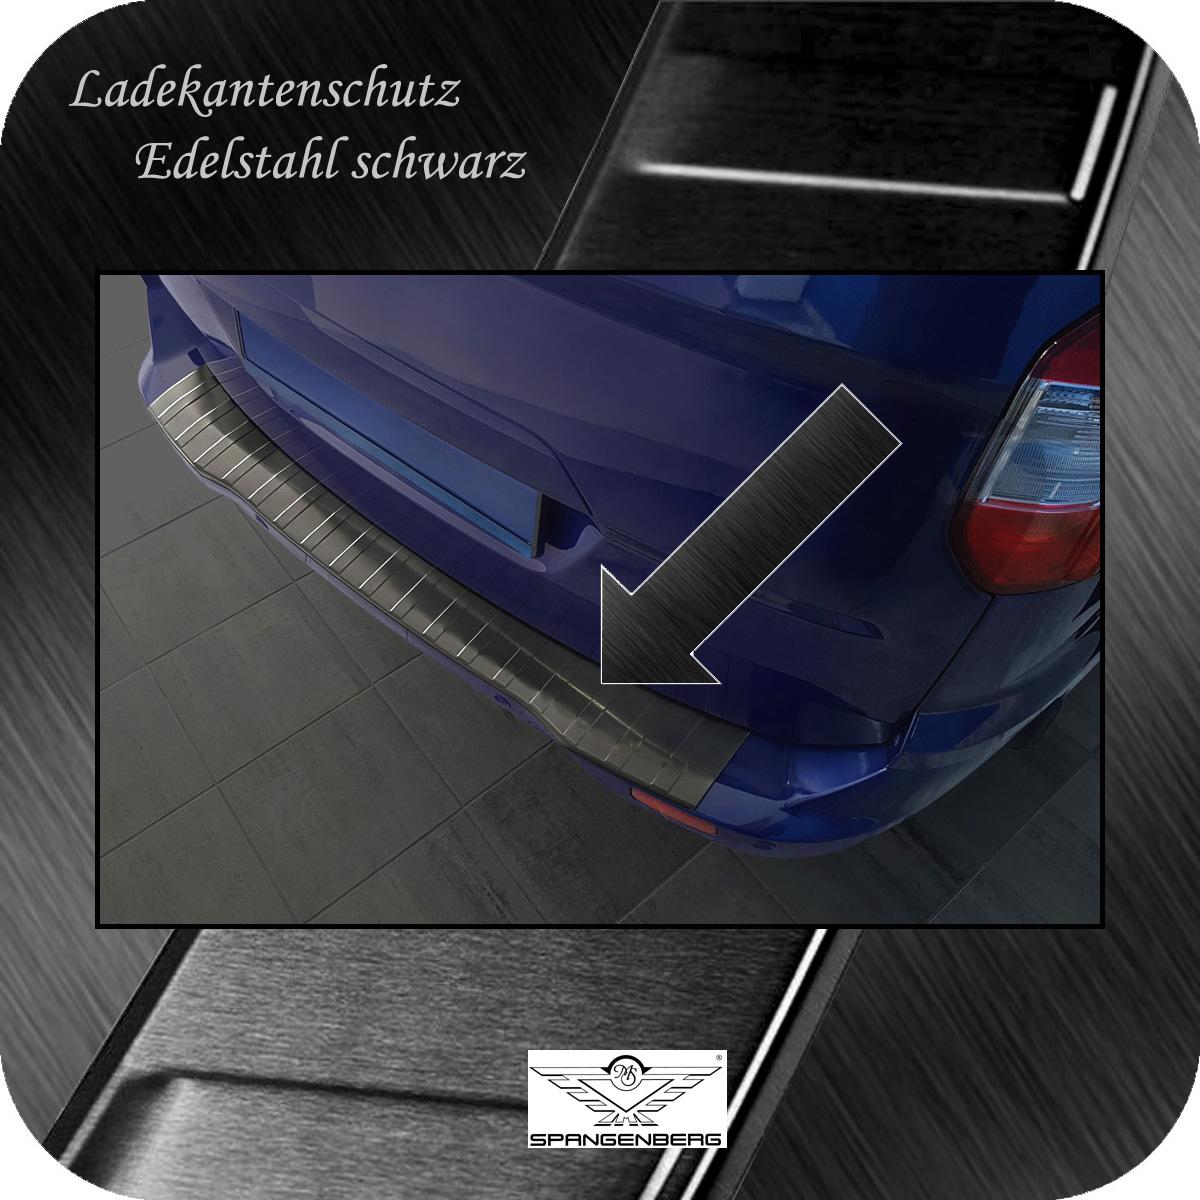 Ladekantenschutz Edelstahl schwarz graphit Ford Transit/Tourneo Courier 3245073